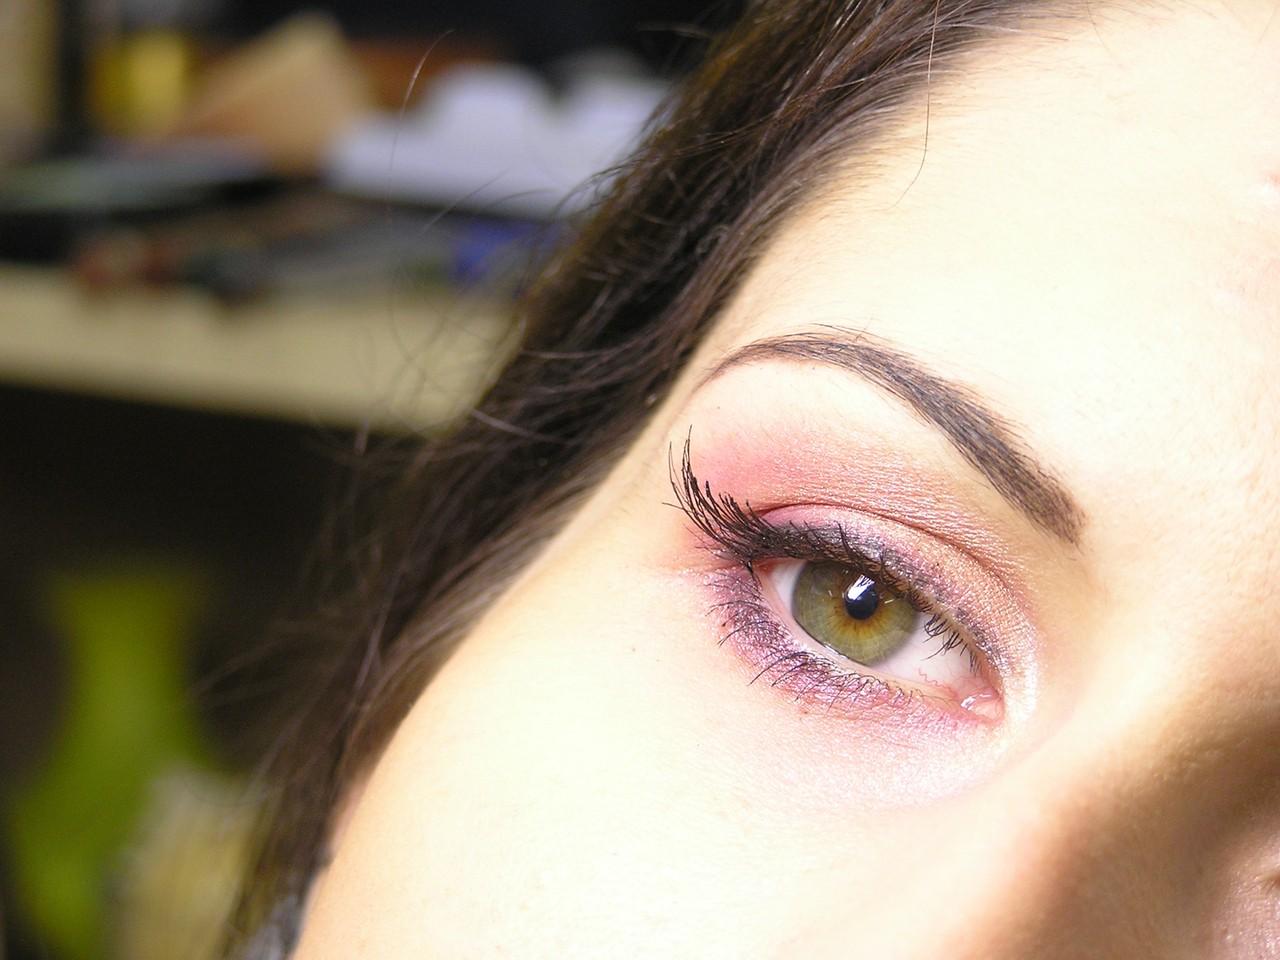 Jaki efekt uzyskasz dzięki makijażowi permanentnemu?